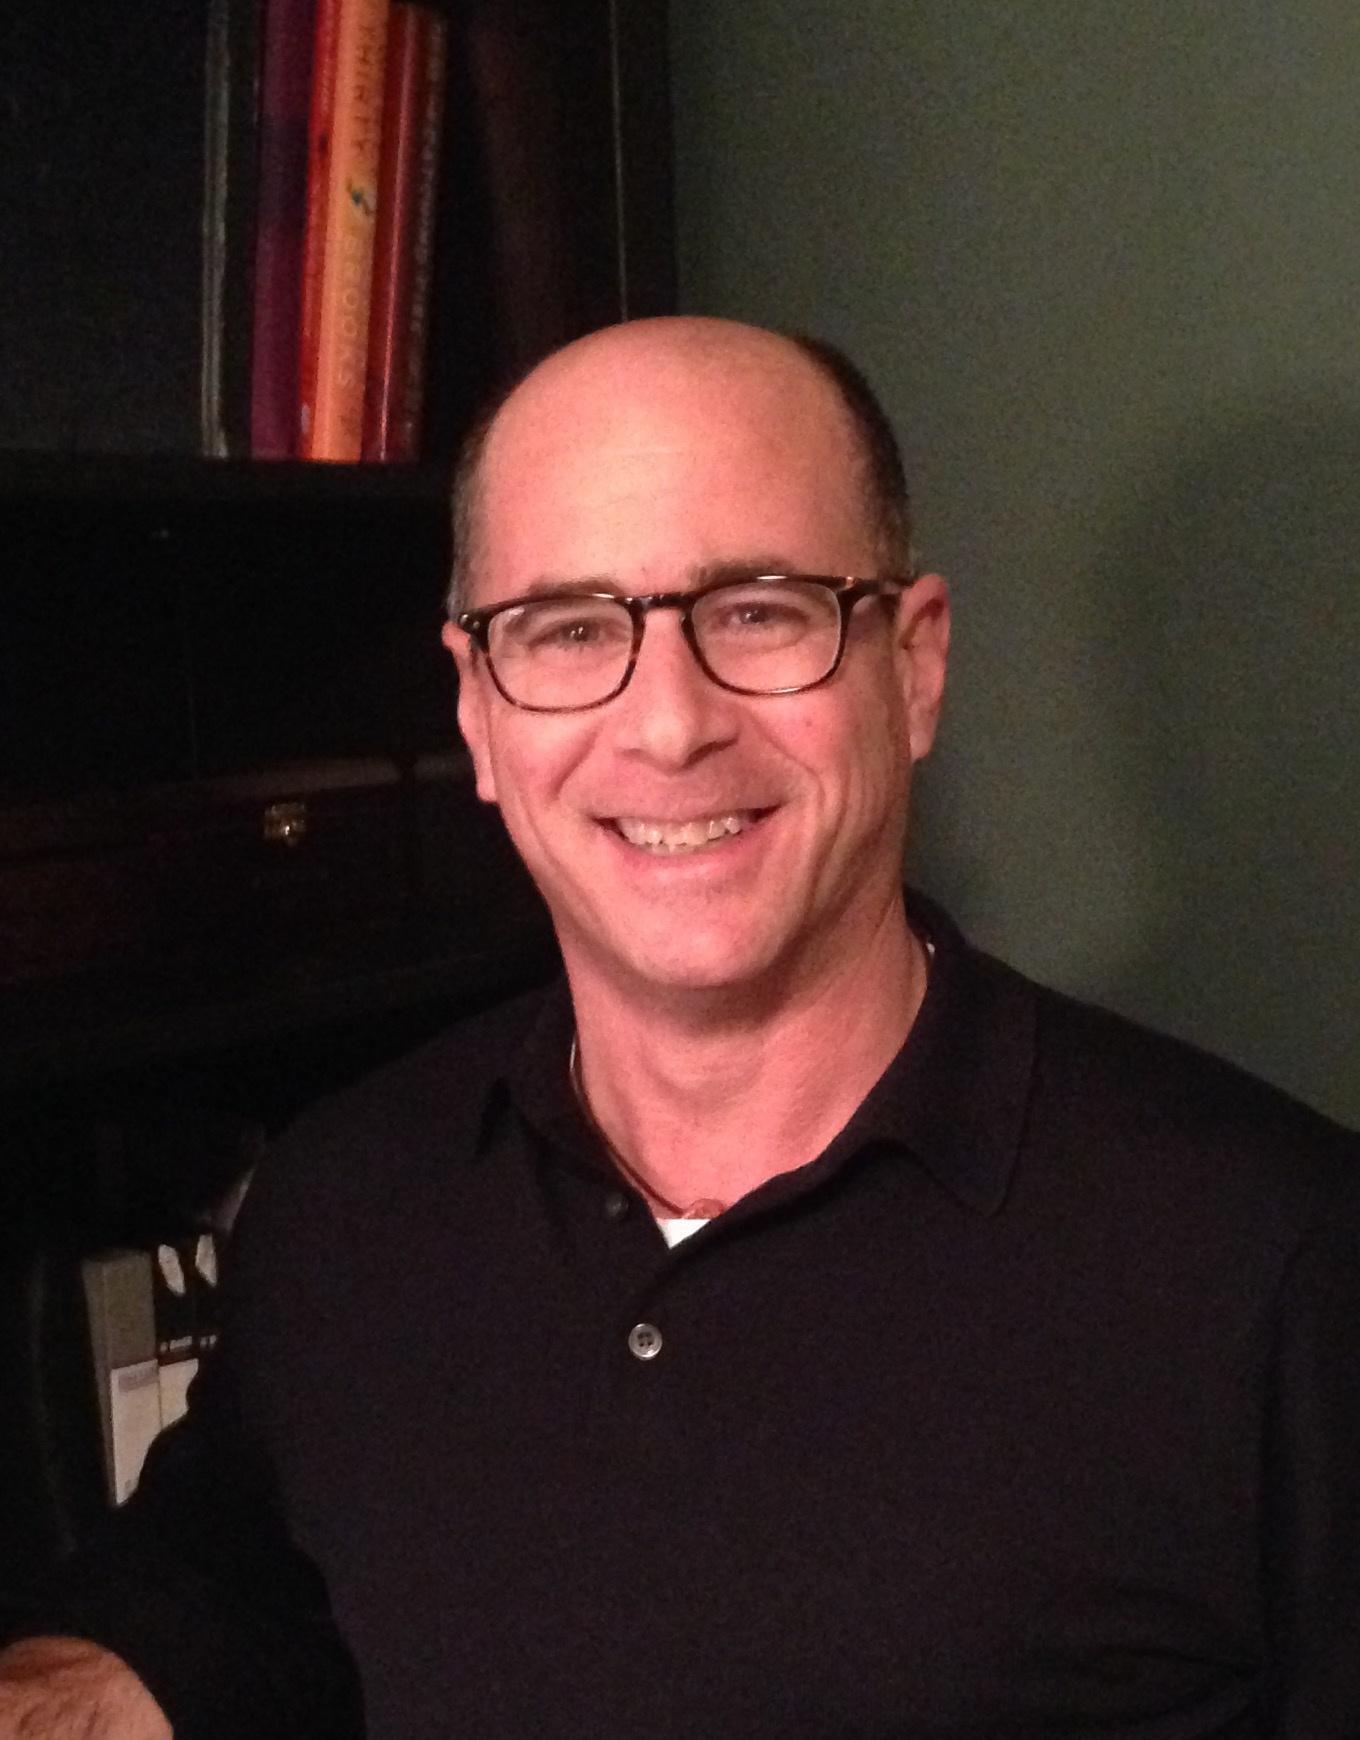 Scott Michaeloff